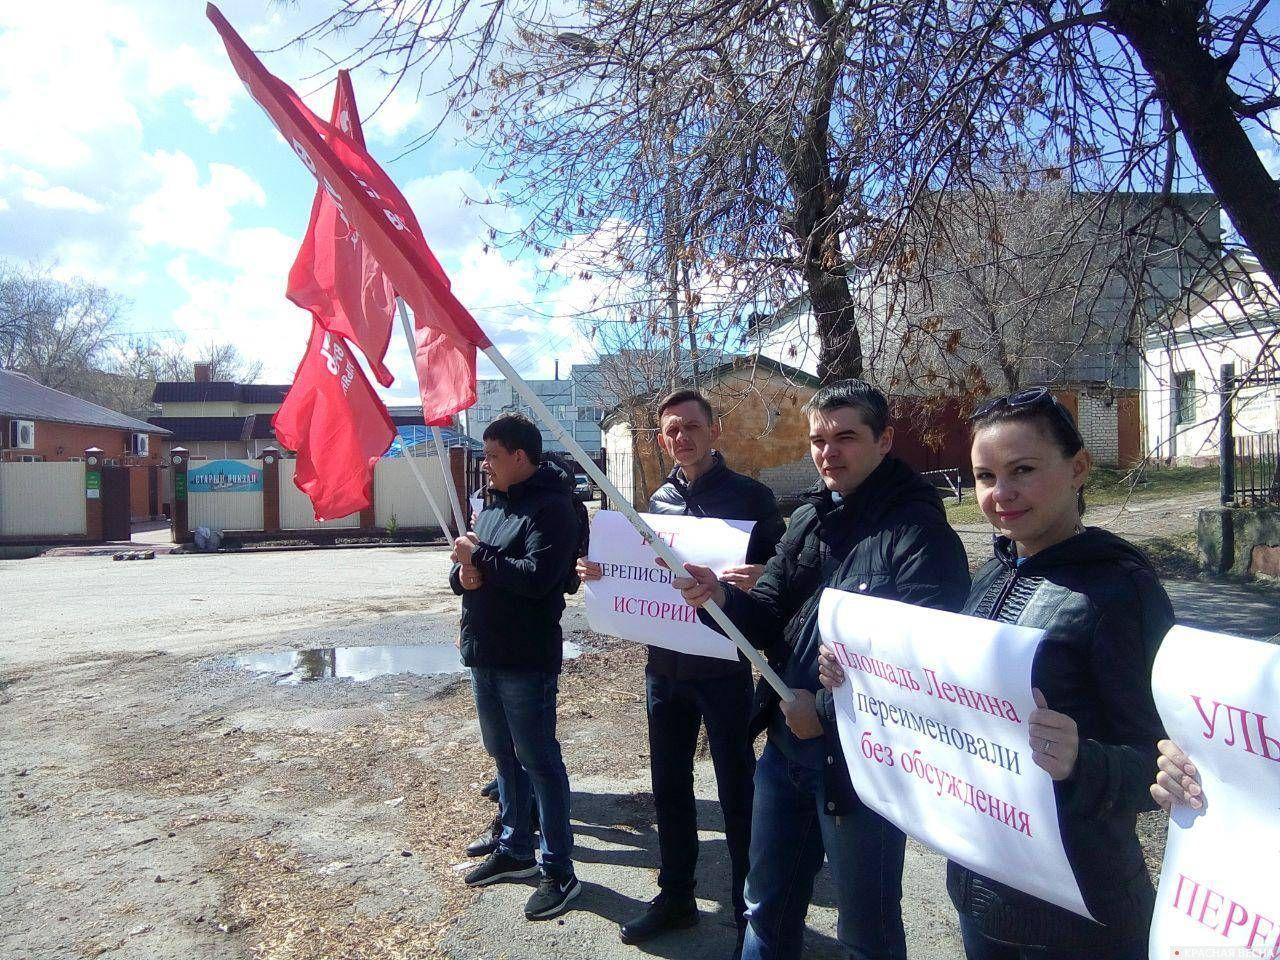 Ульяновск. Пикет против переименования 29.04.2018